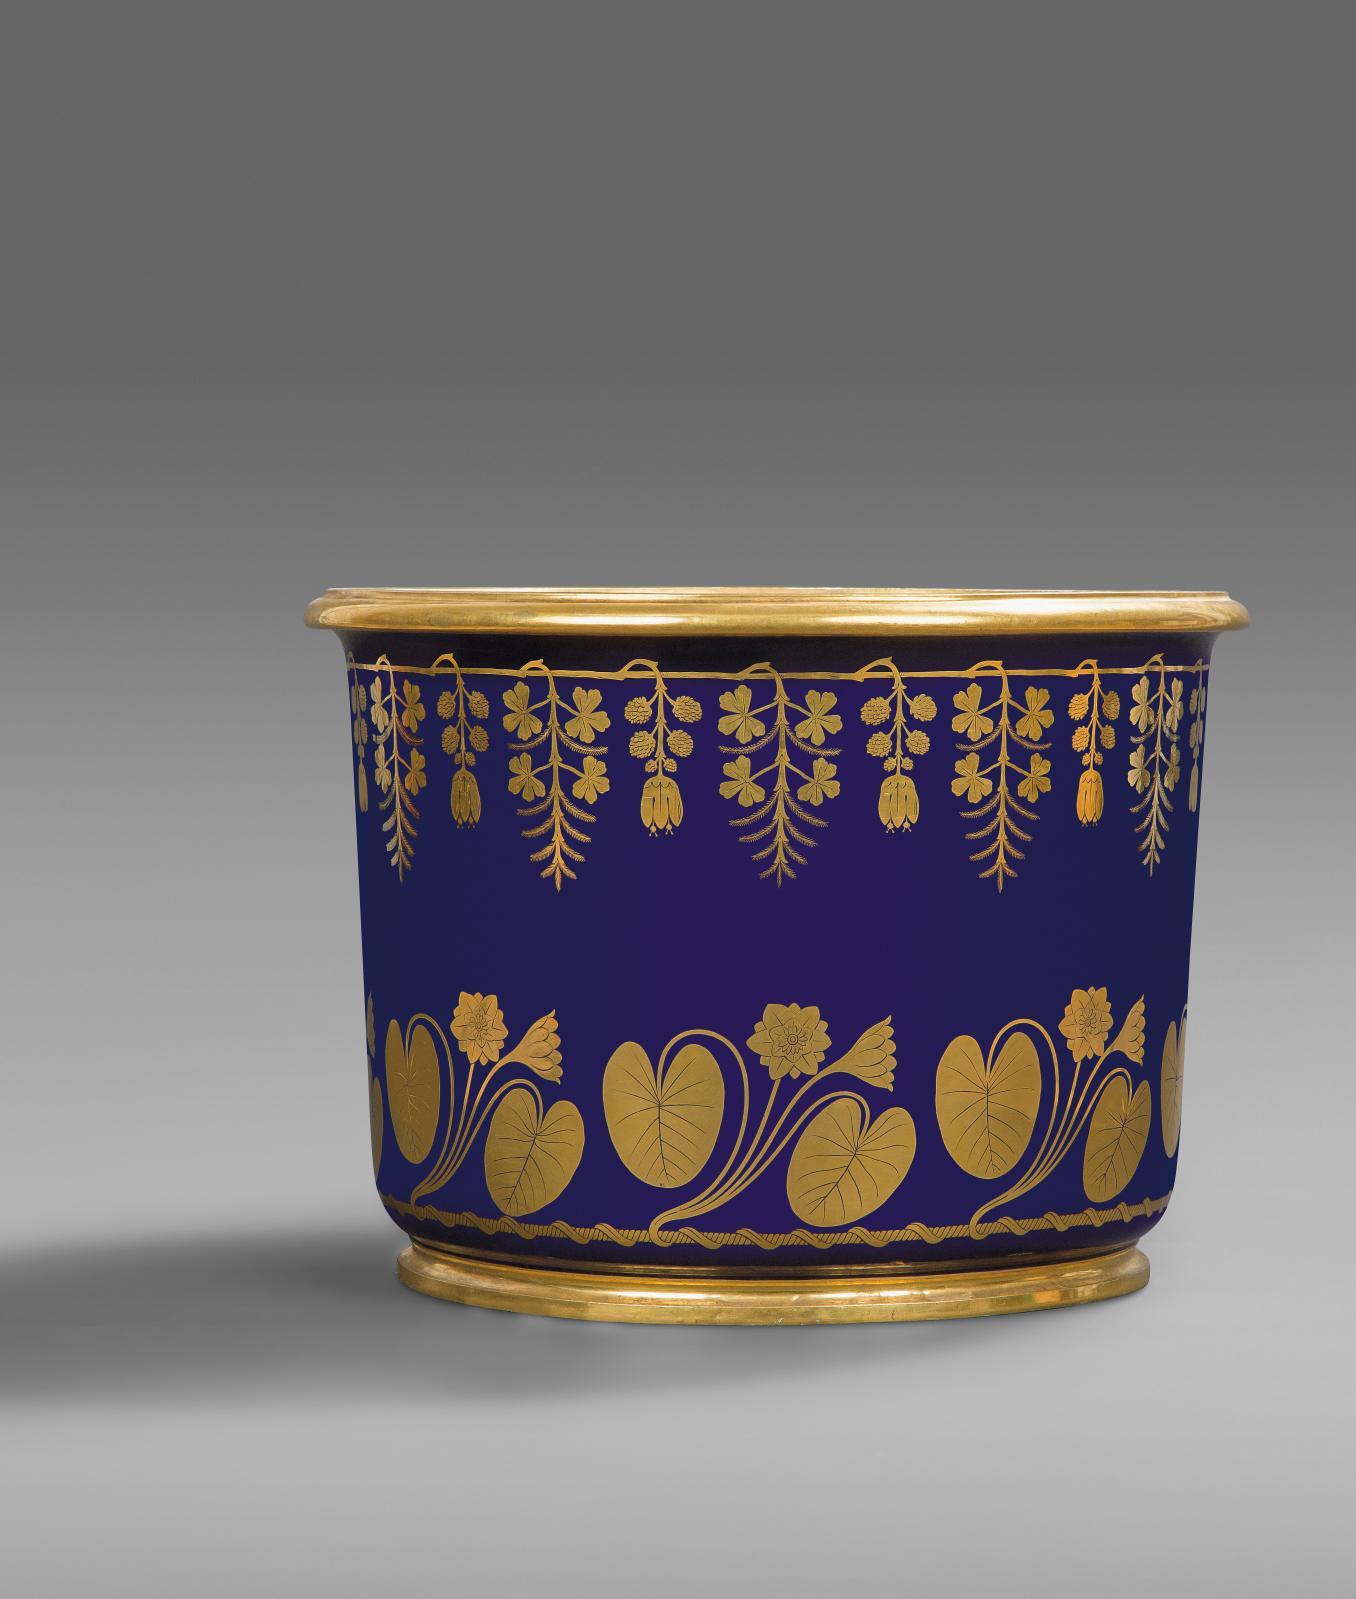 Sèvres, an XIII(novembre 1804-novembre 1805), grand seau à laver les pieds en porcelaine dure, à décor sur fond bleu en or de guirlandes de nymphéas